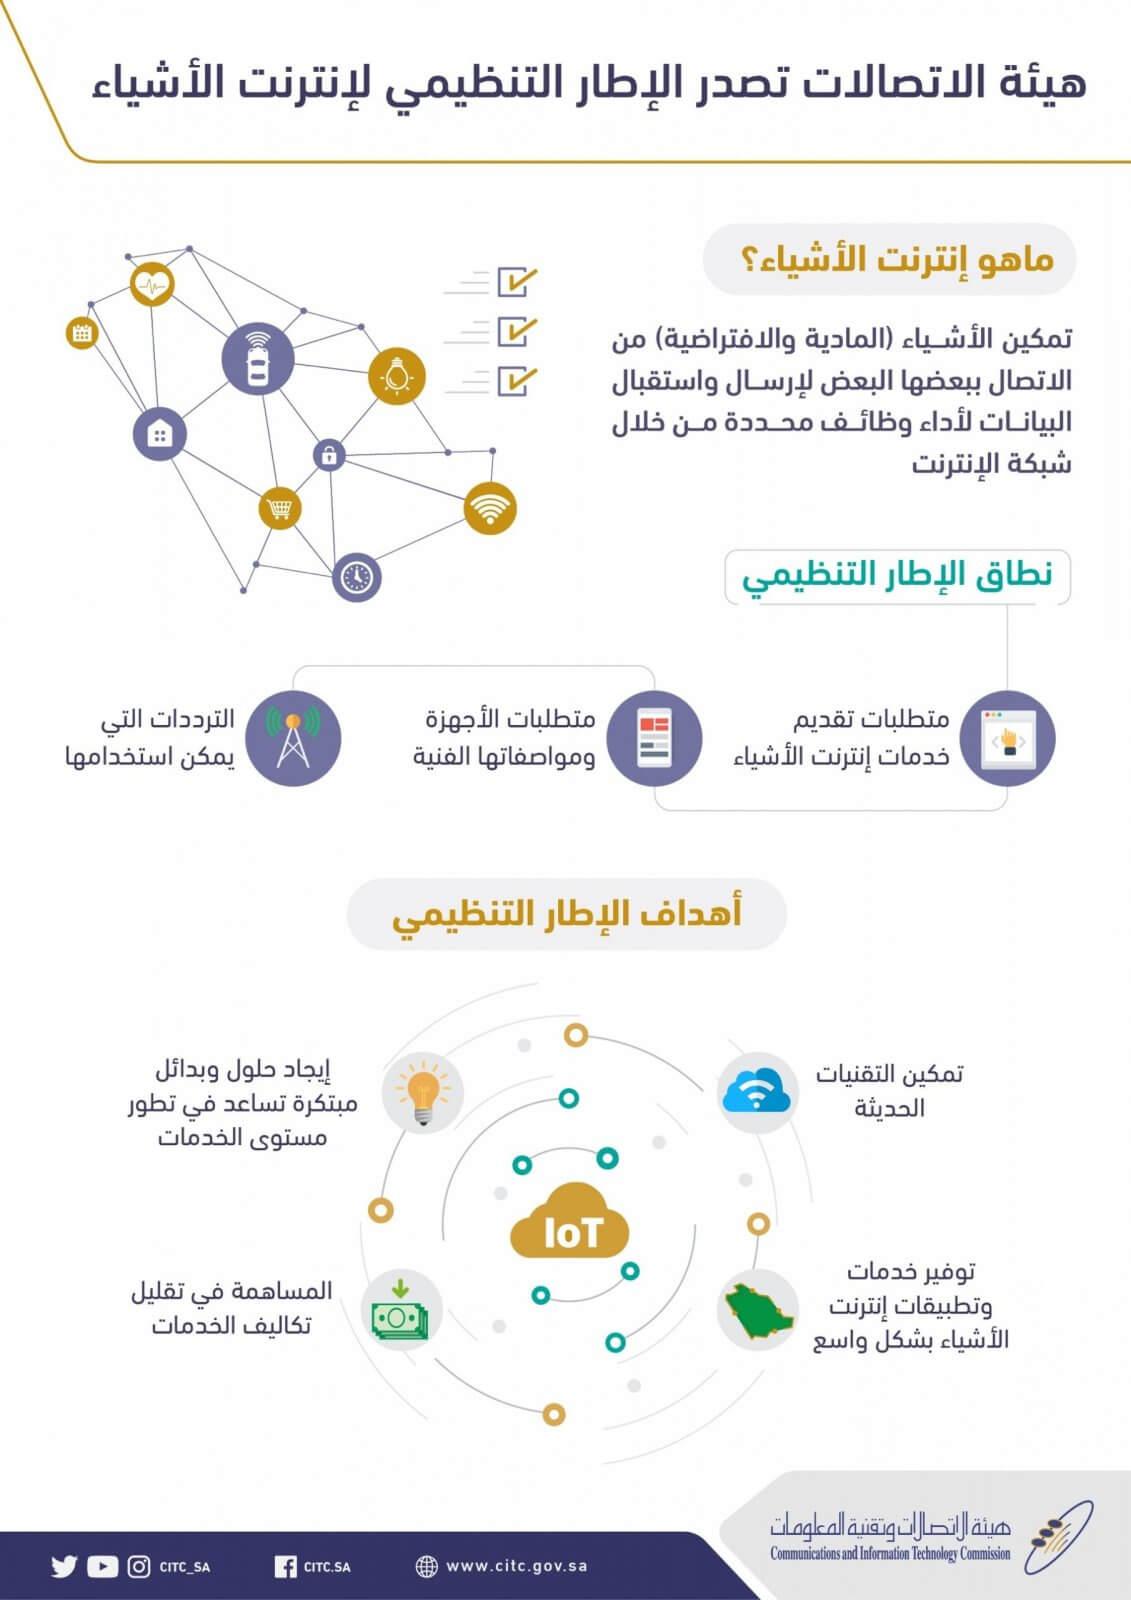 انترنت الأشياء - تقنية المعلومات - التقنية الحديثة